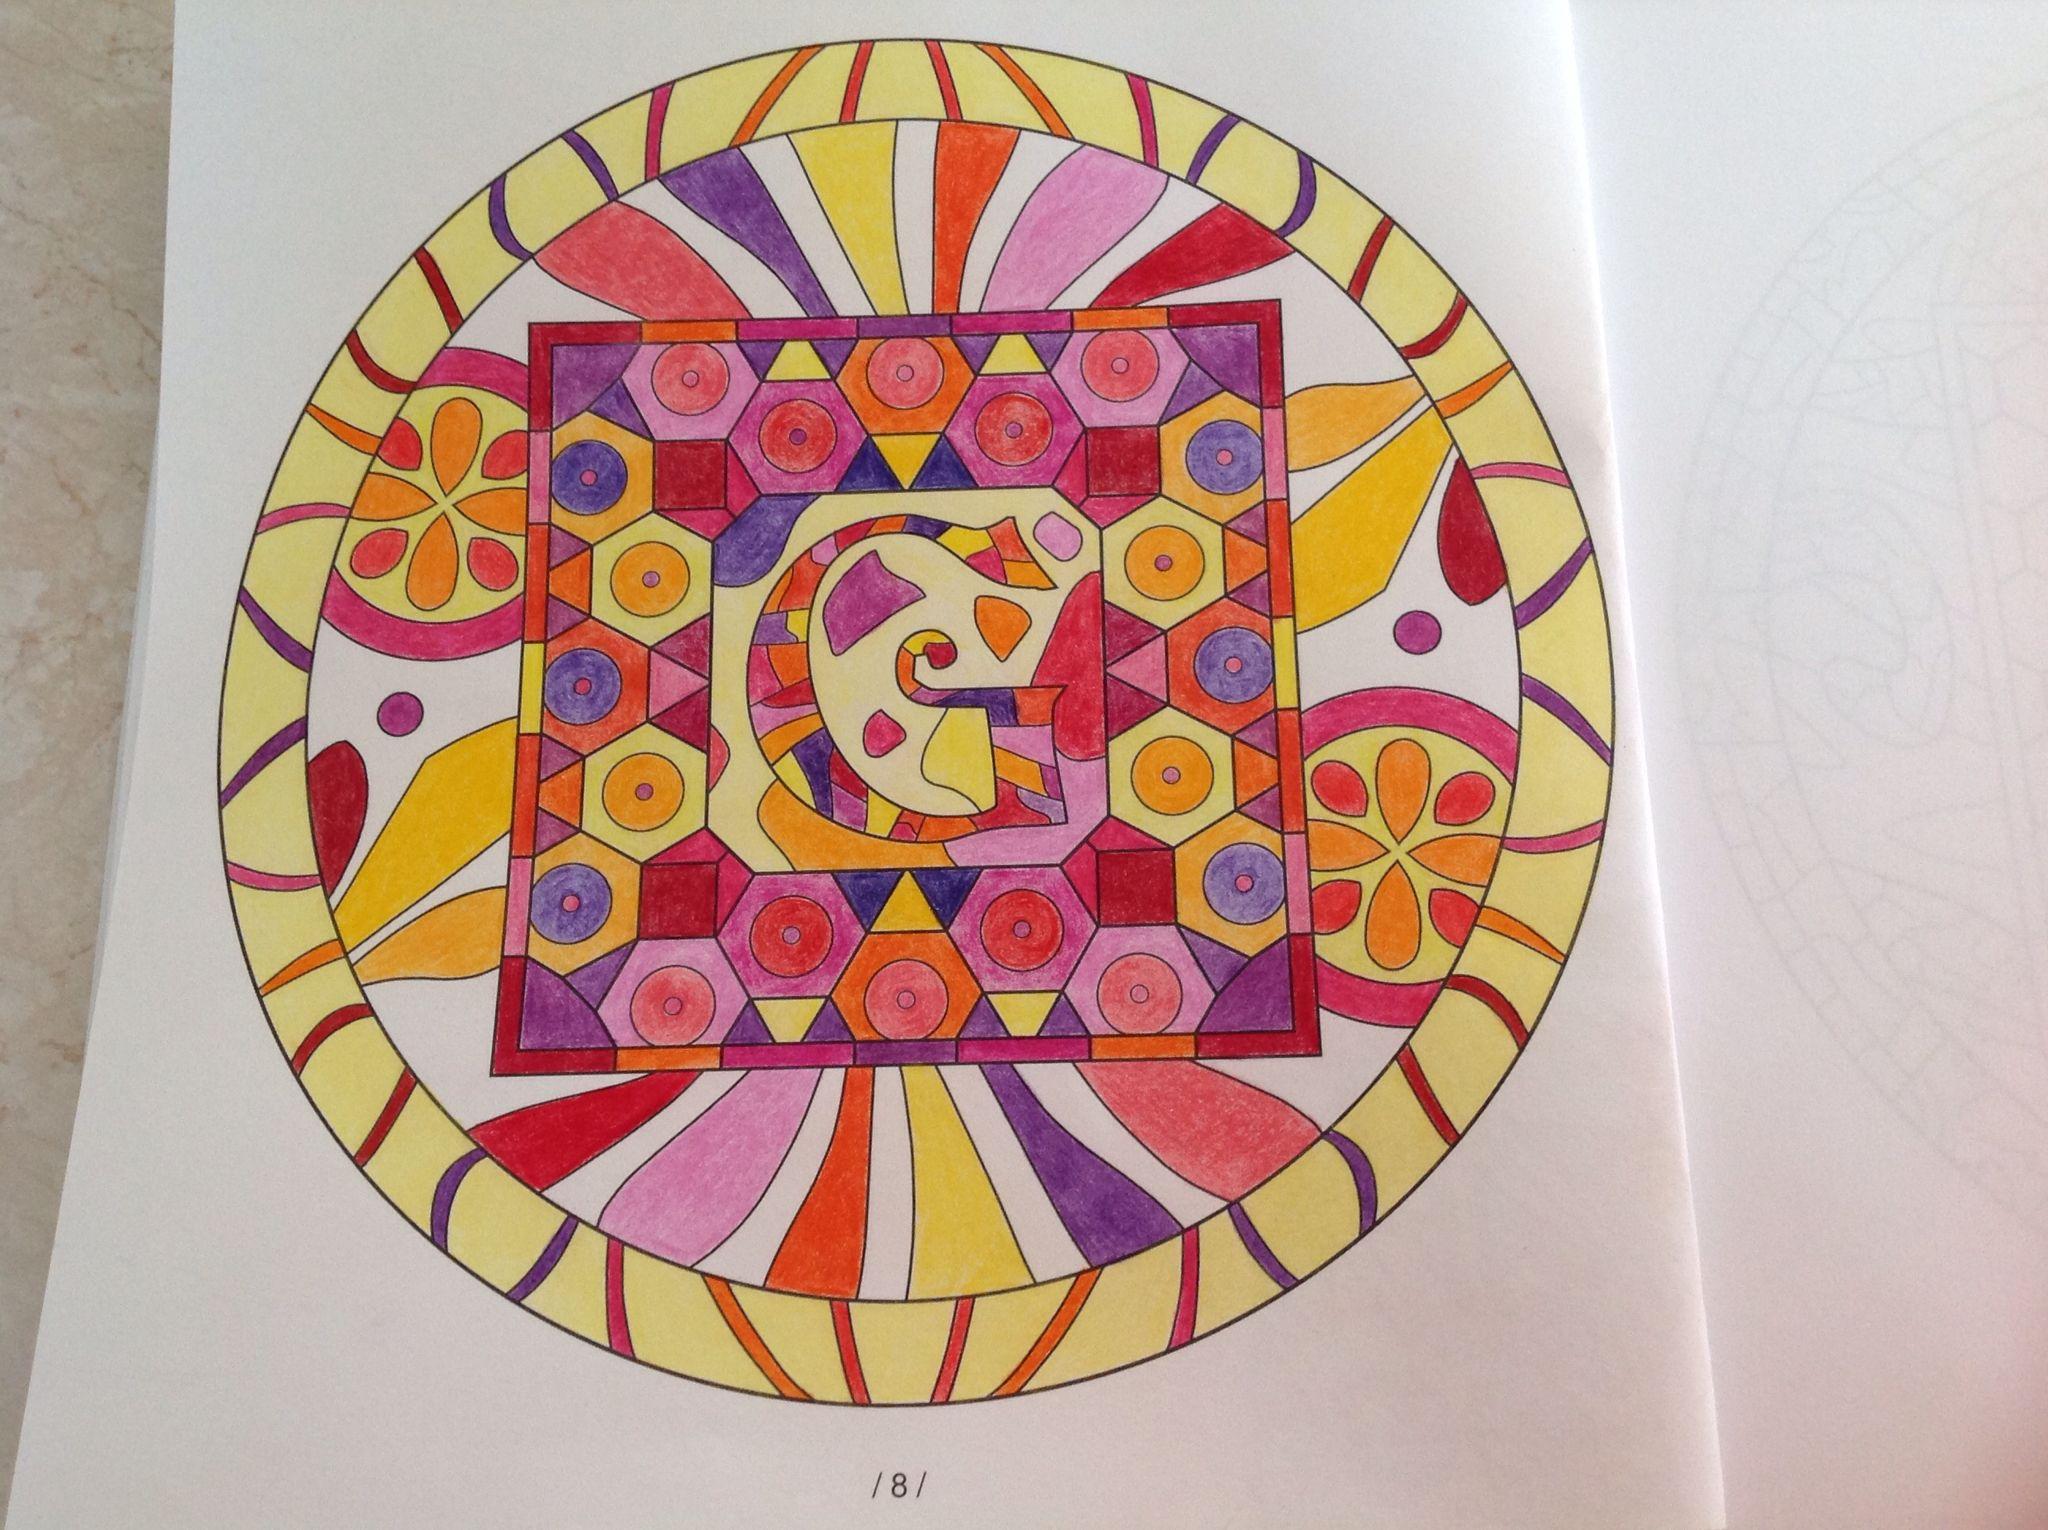 De G Van Gaudi Uit Het Mandala Gaudi Kleurboek Wat Mijn Zus Speciaal Uit Barcelona Voor Mij Heeft Meegenom Kleurboek Kleurplaten Voor Volwassenen Kleurplaten